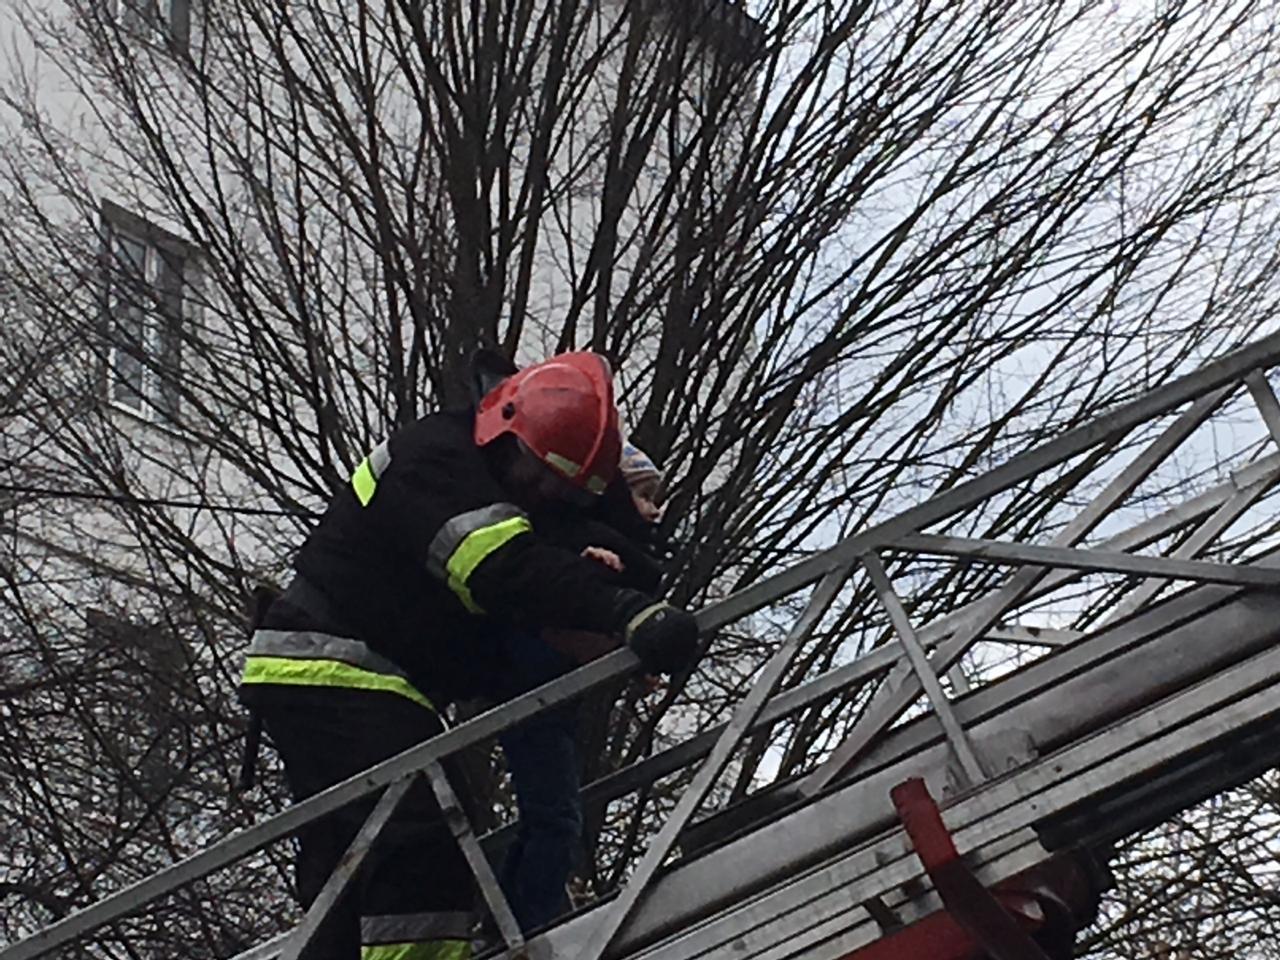 Під час пожежі у центрі Франківська, надзвичайникам довелося евакуювати майже півсотні людей (фоторепортаж)